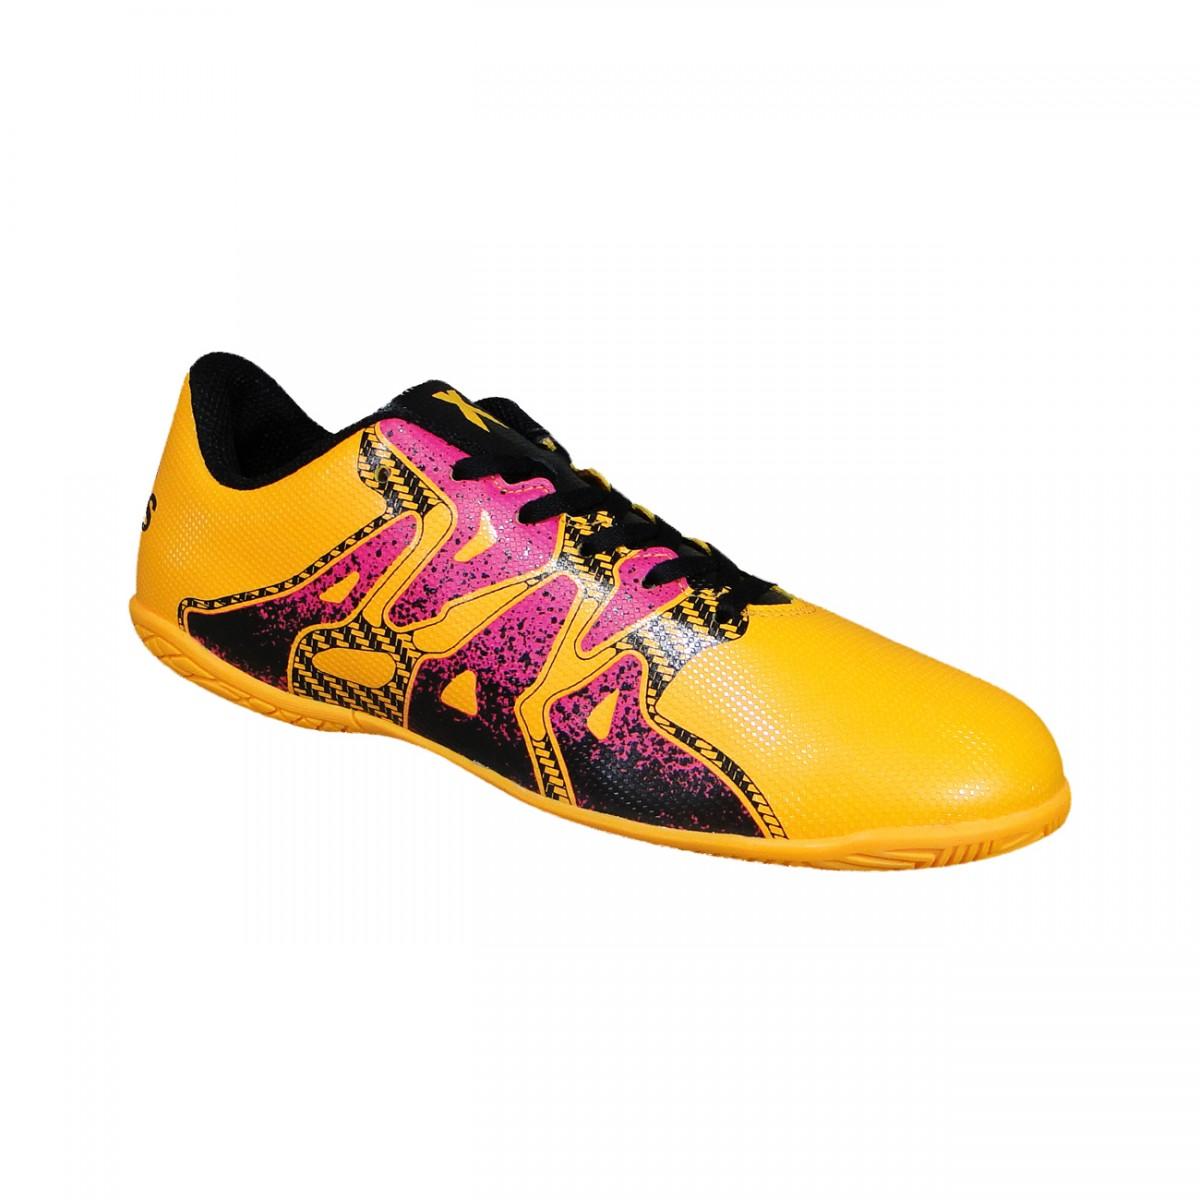 a1ef1b44ce Tenis Adidas X 15.4 Infantil S74605 - Laranja Pink Preto - Chuteira ...